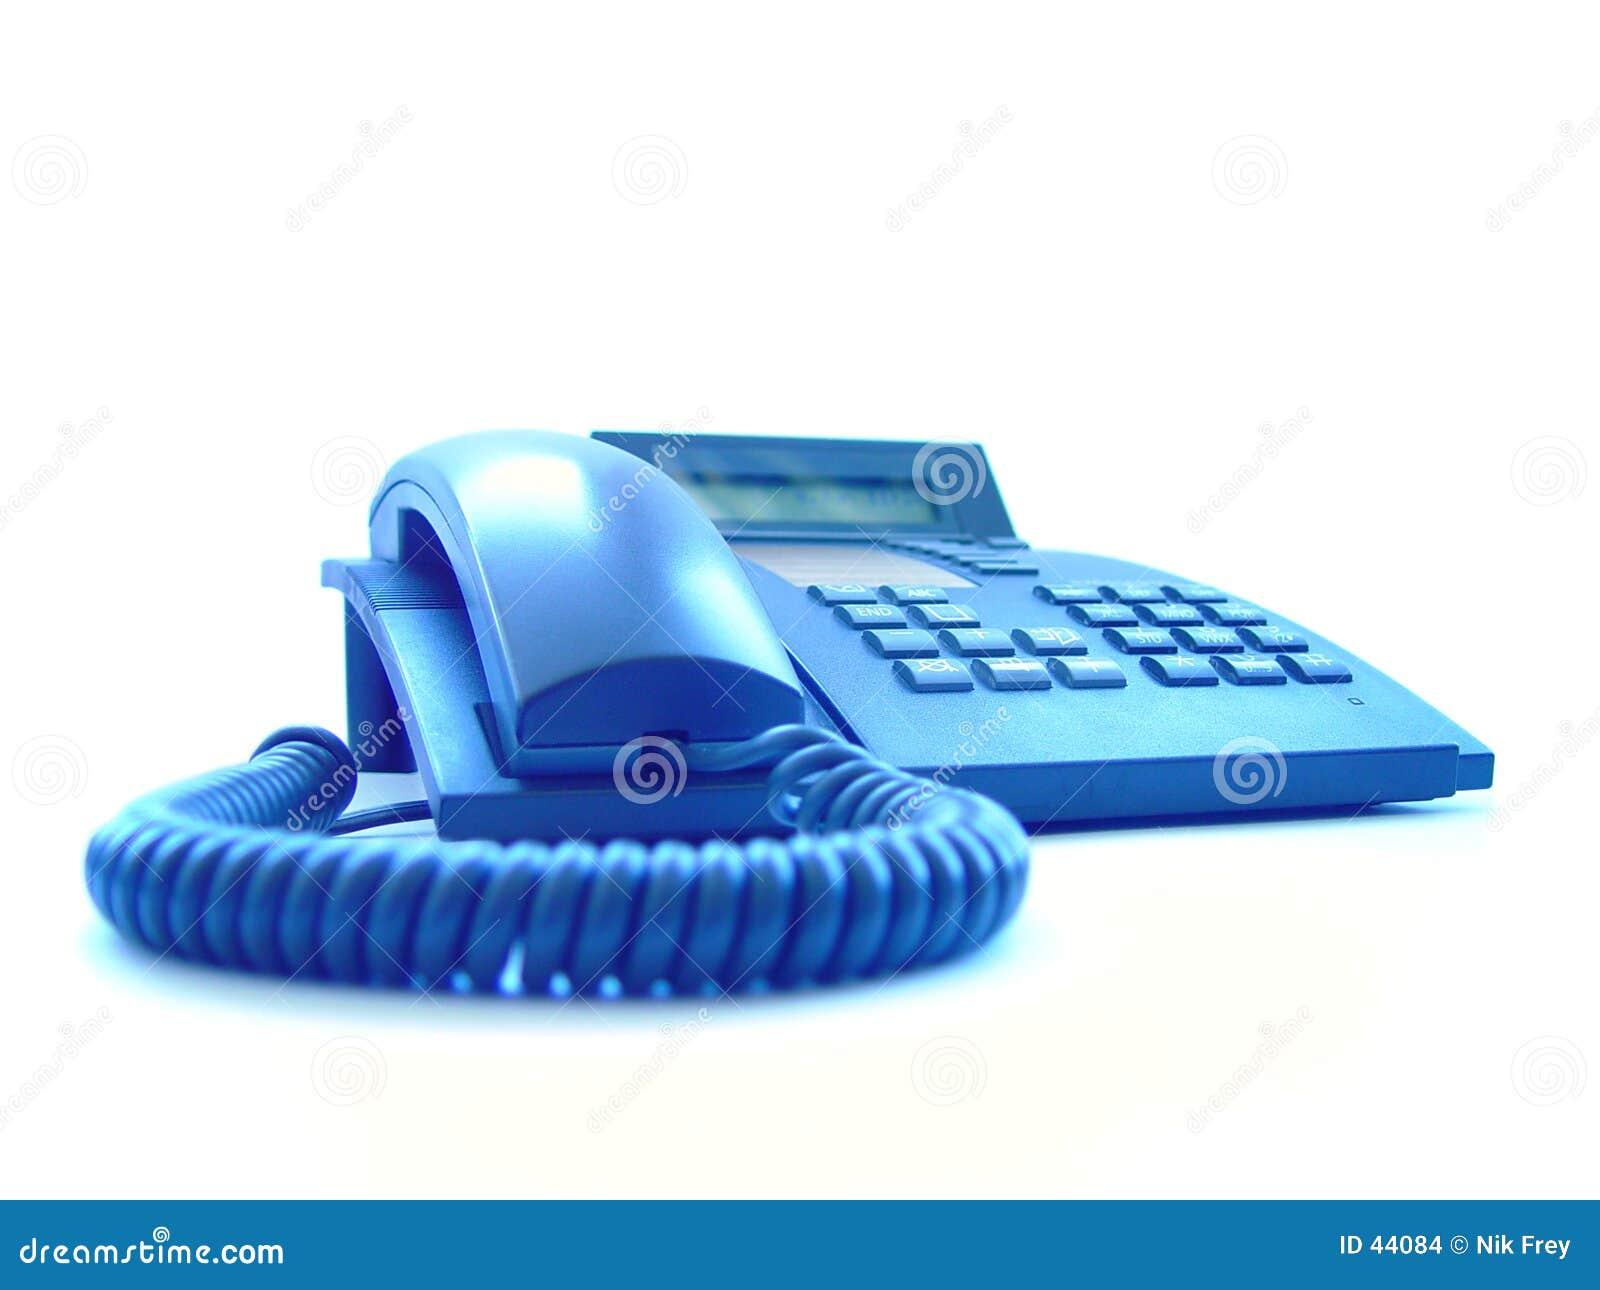 Telephone study 3